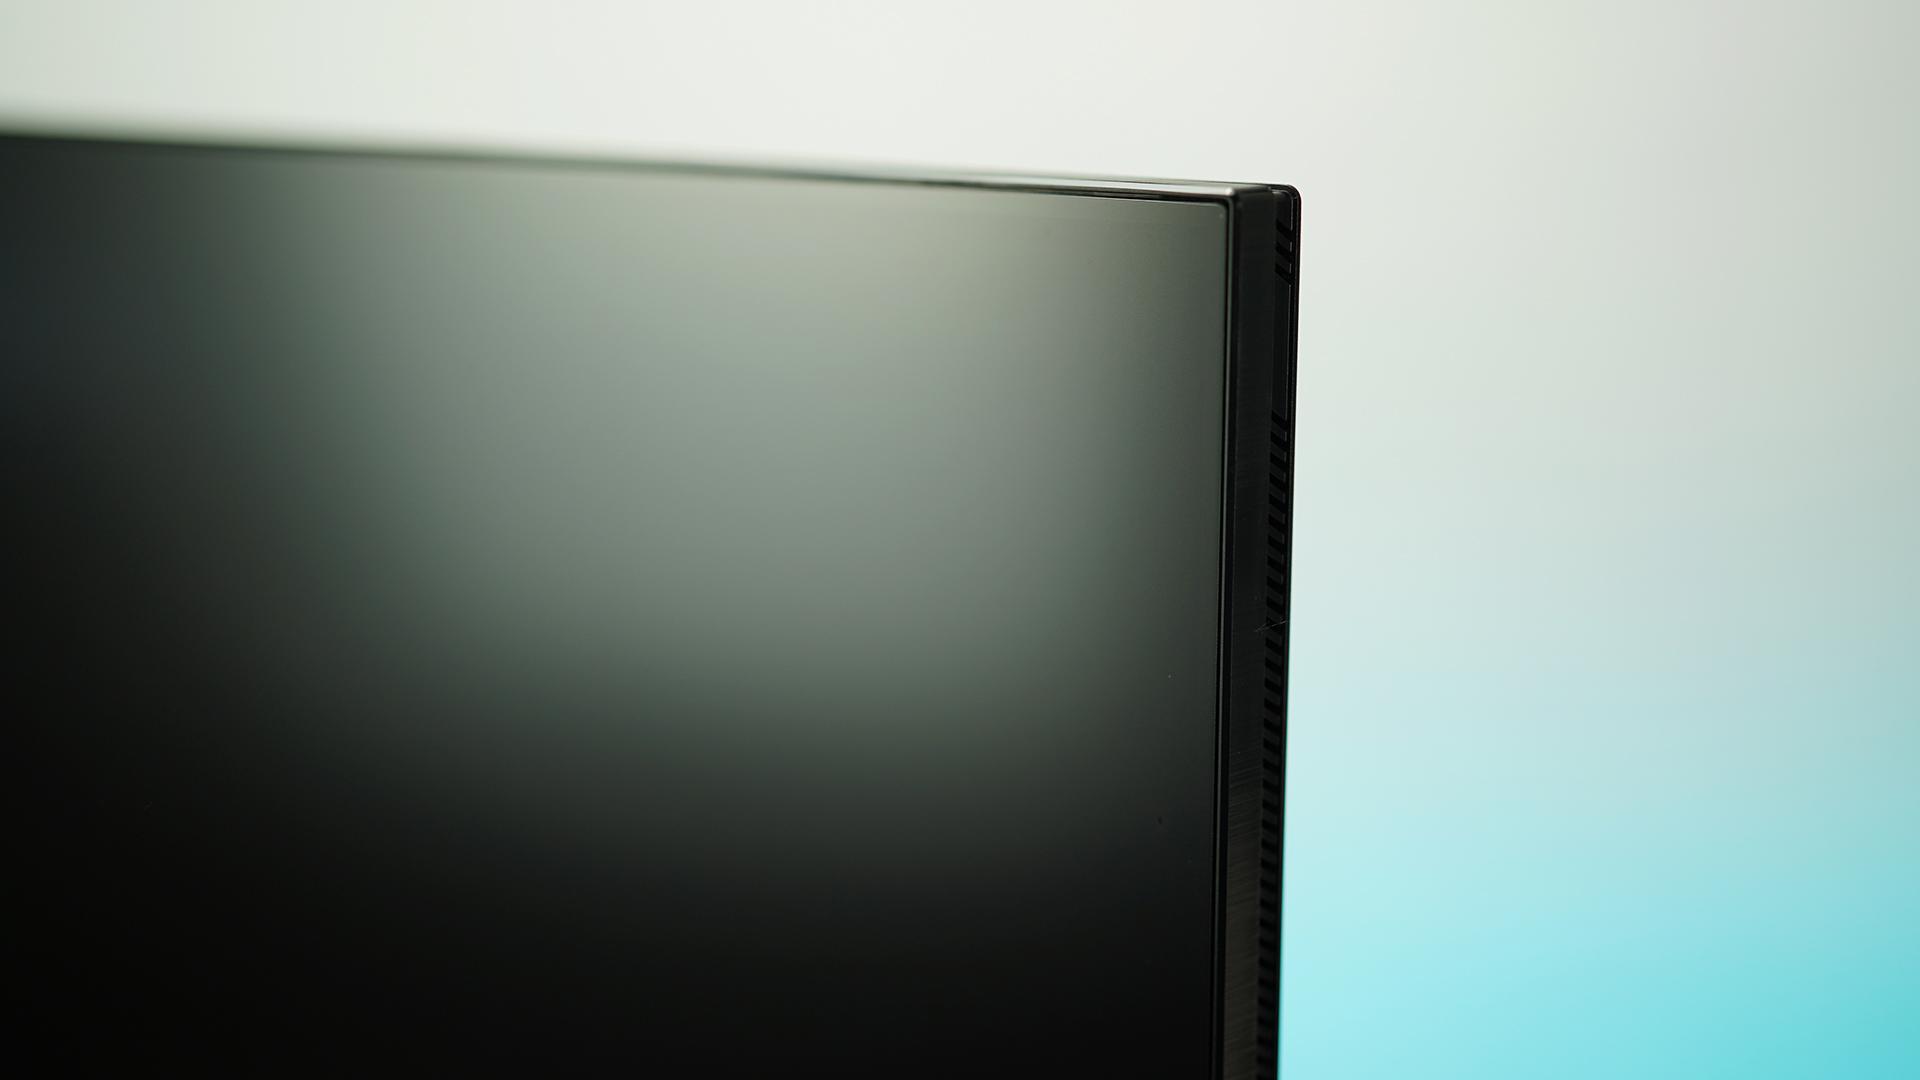 Acer Predator X25 - Design 9